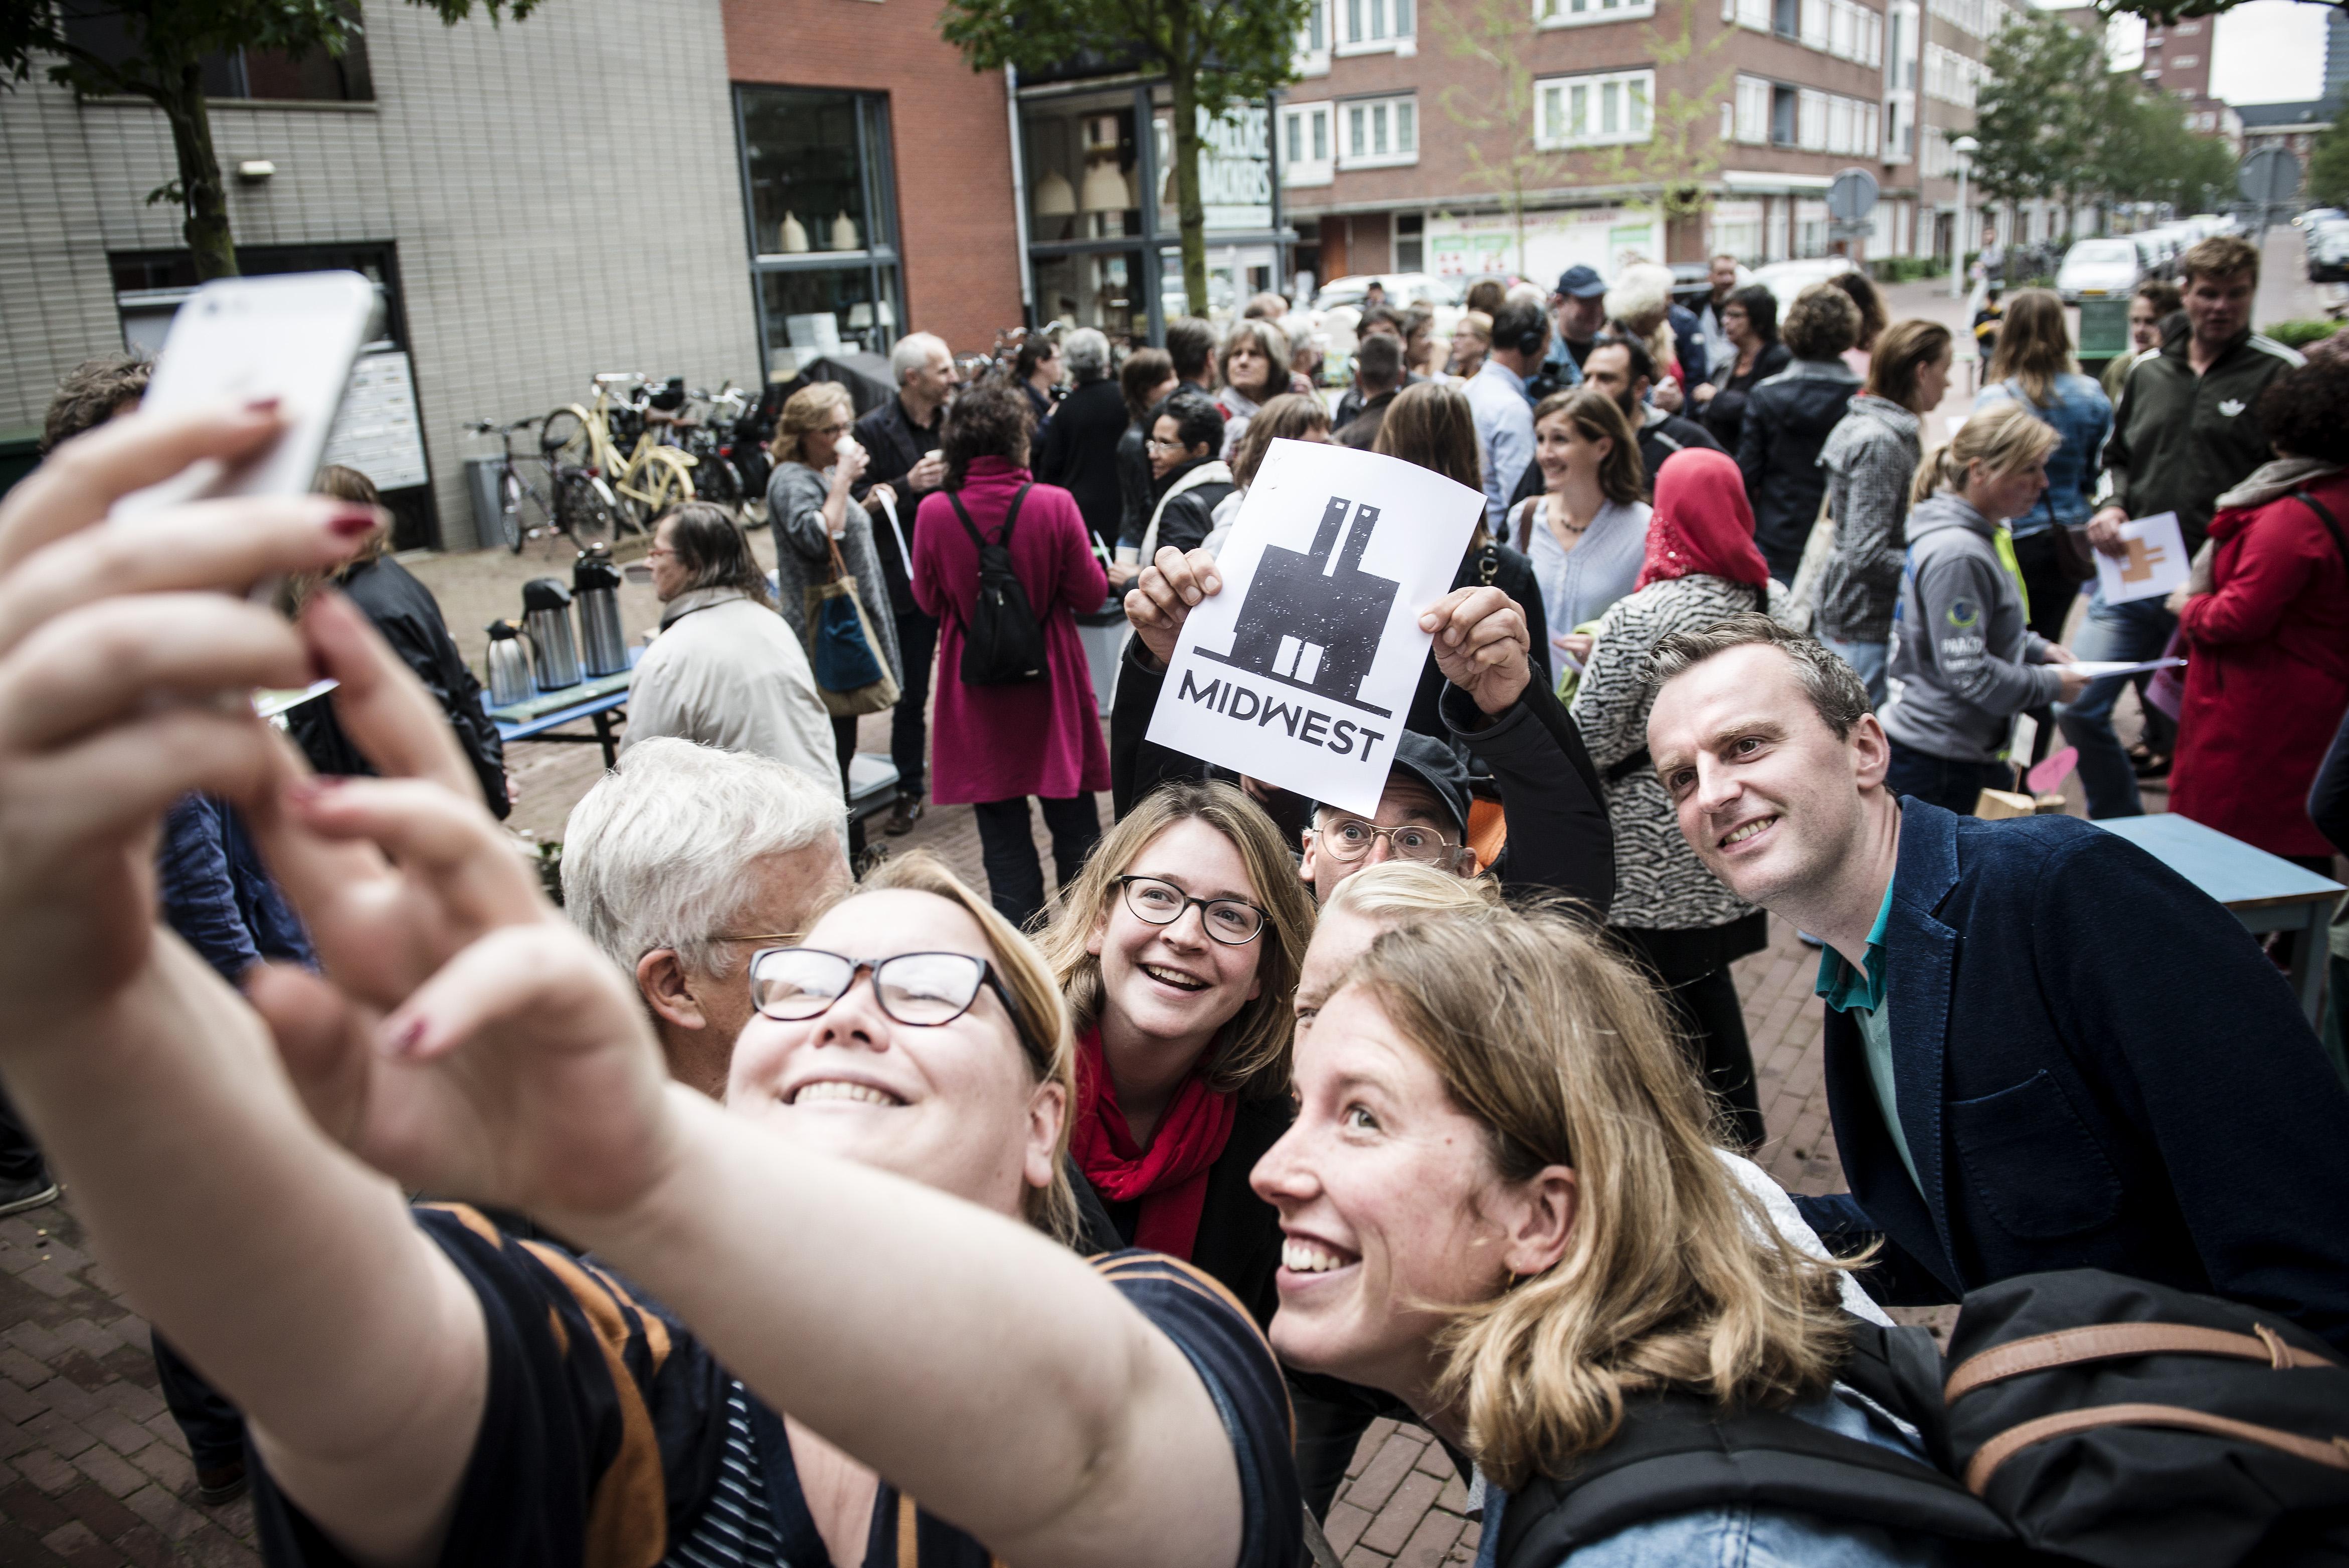 Nederland, Amsterdam, 20-09-2015  Enkele honderdden mensen verzamelen zich zondag om 15:00u voor de deur van MidWest om te 'staan voor MidWest'. De buurtonderneming in een oud schoolgebouw waar allerlerlei dingen voor de buurt worden georganiseerd en zzp-ers een werkplek huren wordt met sluiting bedreigd. De Gemeente wil niet meewerken aan het instandhouden van de plek. Sympatisanten maken een selfie op het plein voor het gebouw. foto: Bram Budel